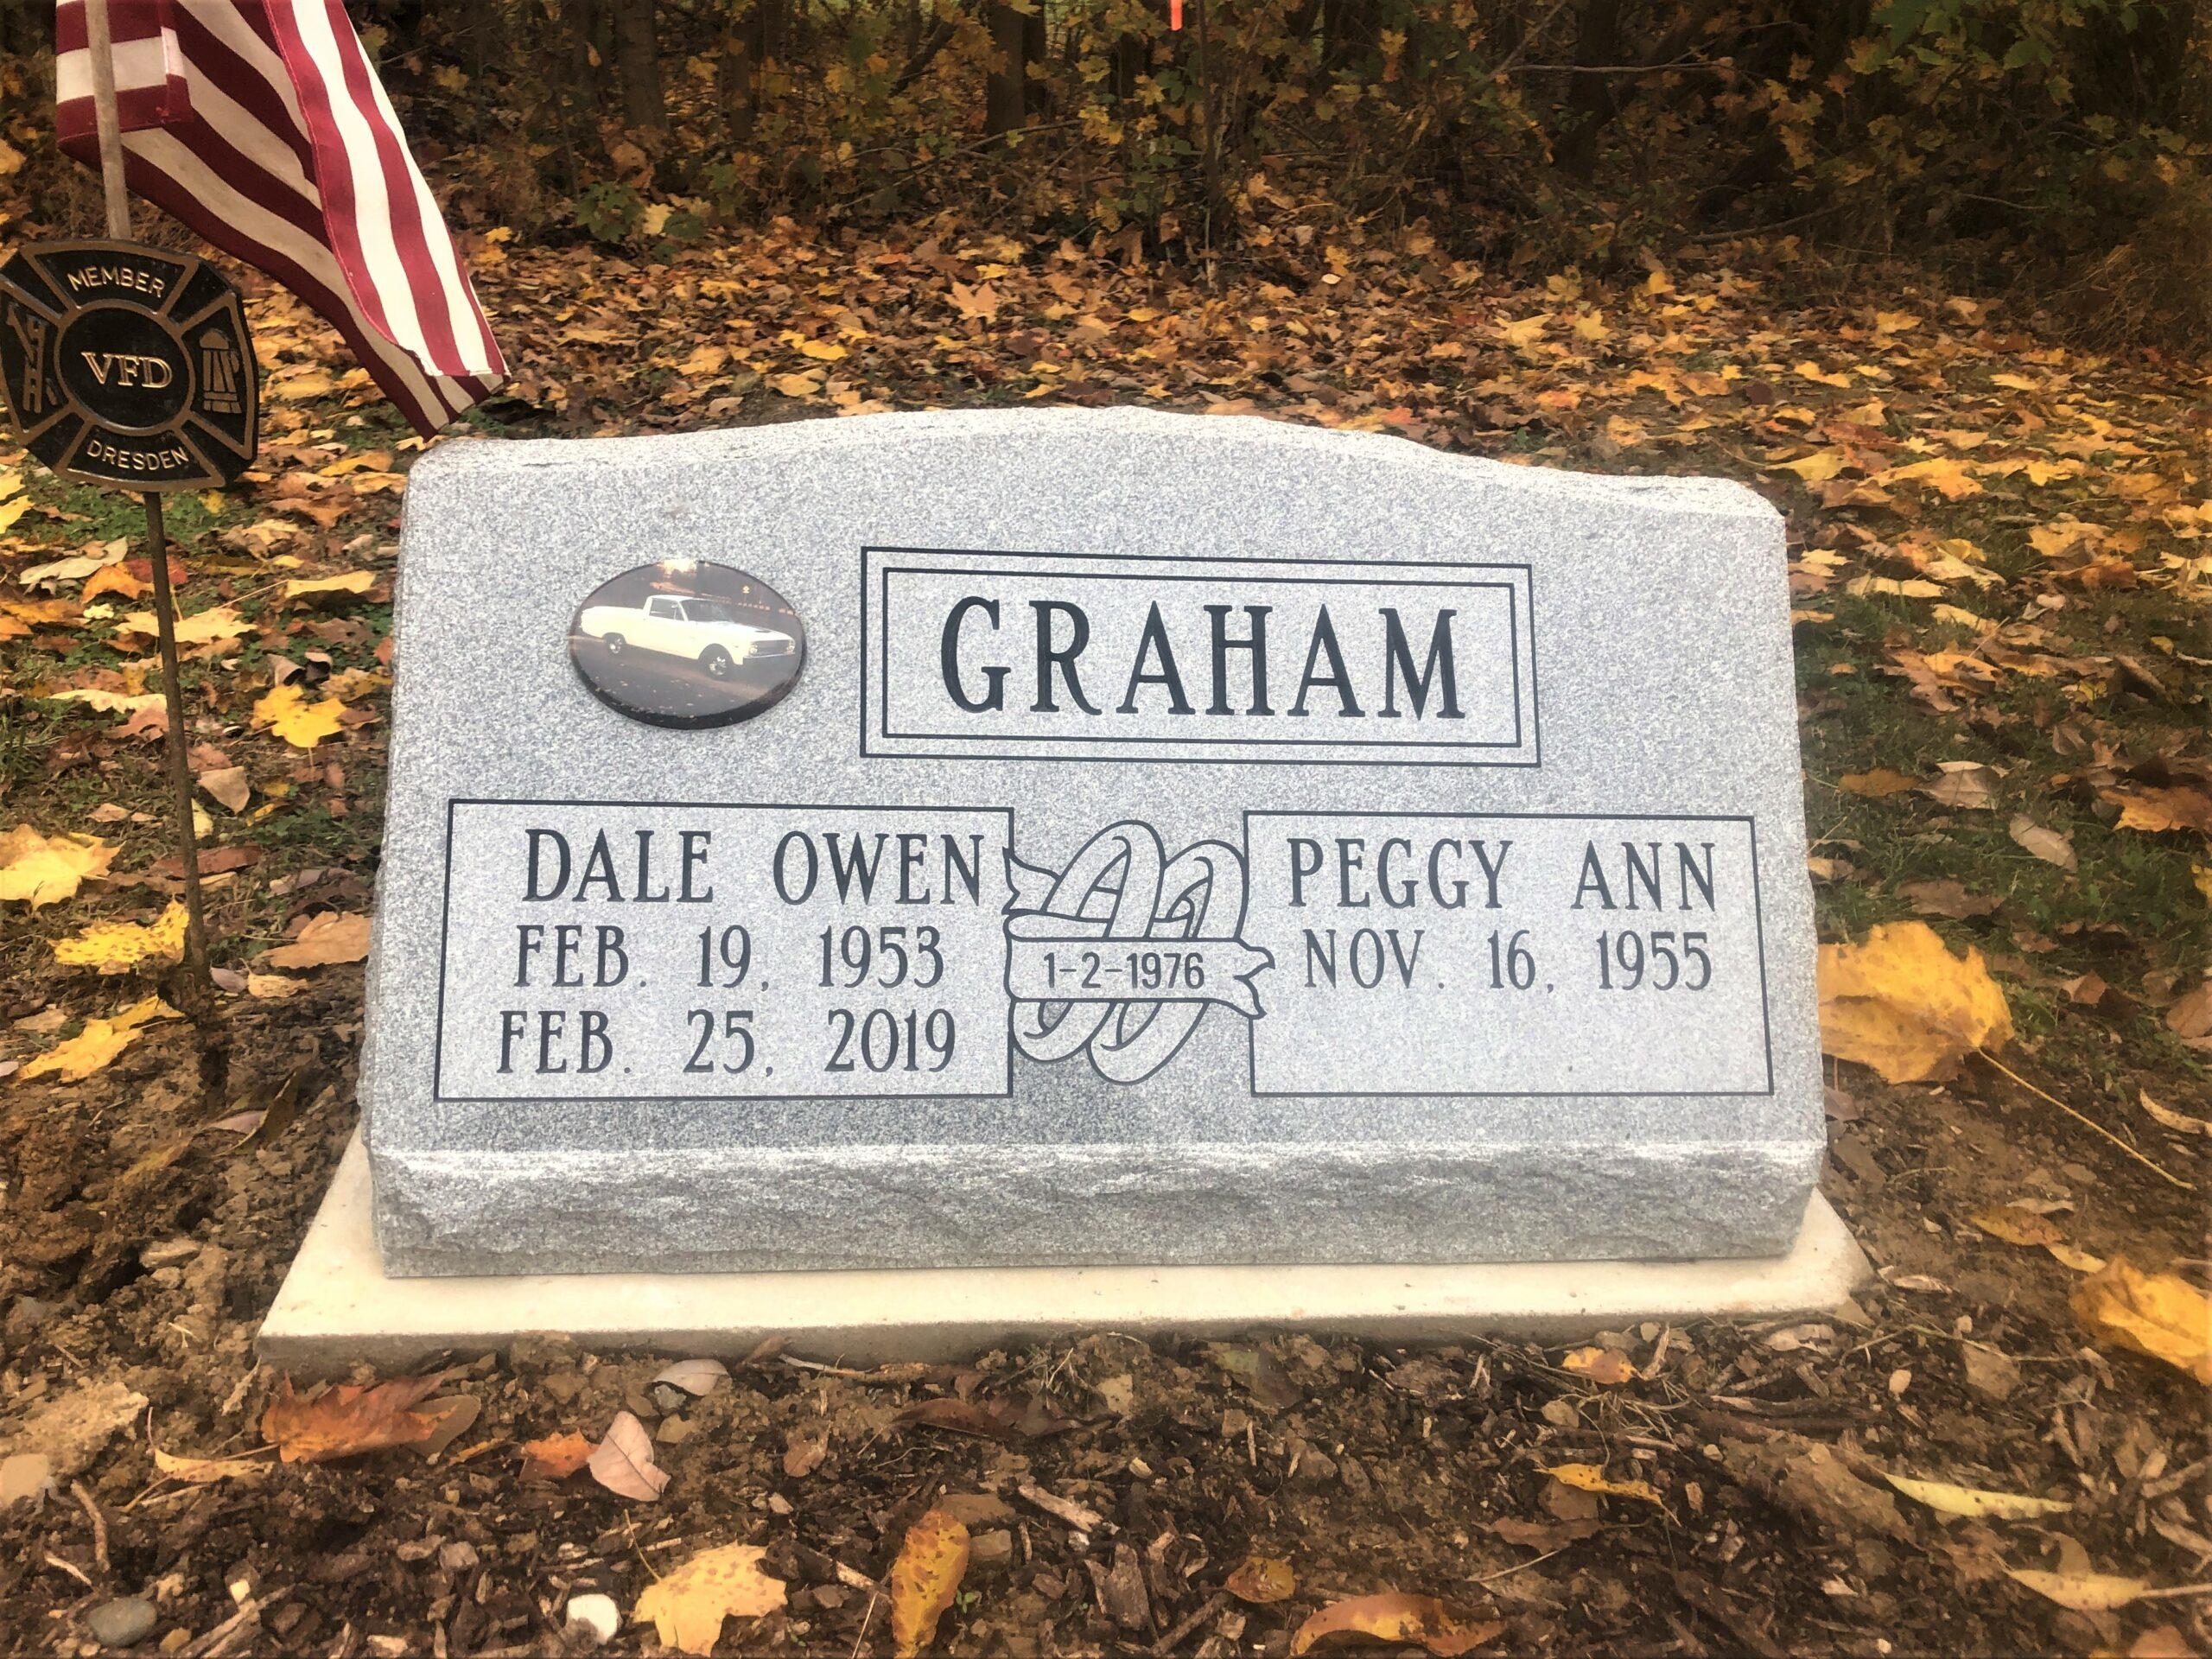 Graham, Dale Owen